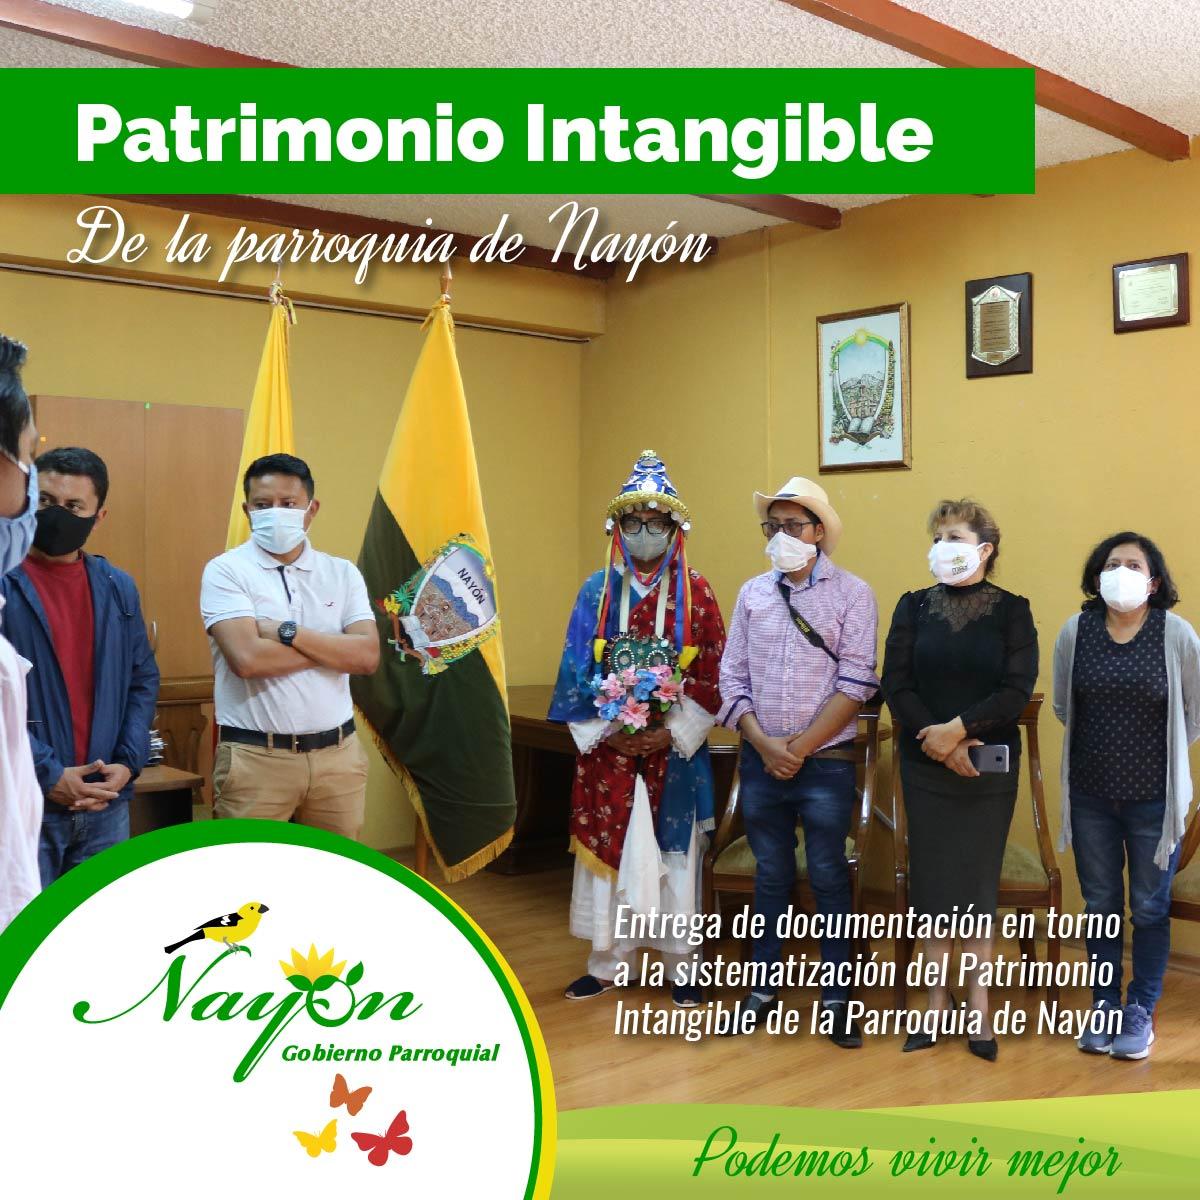 Entrega de documentación en torno a la Sistematización del Patrimonio Intangible de la Parroquia de Nayón.